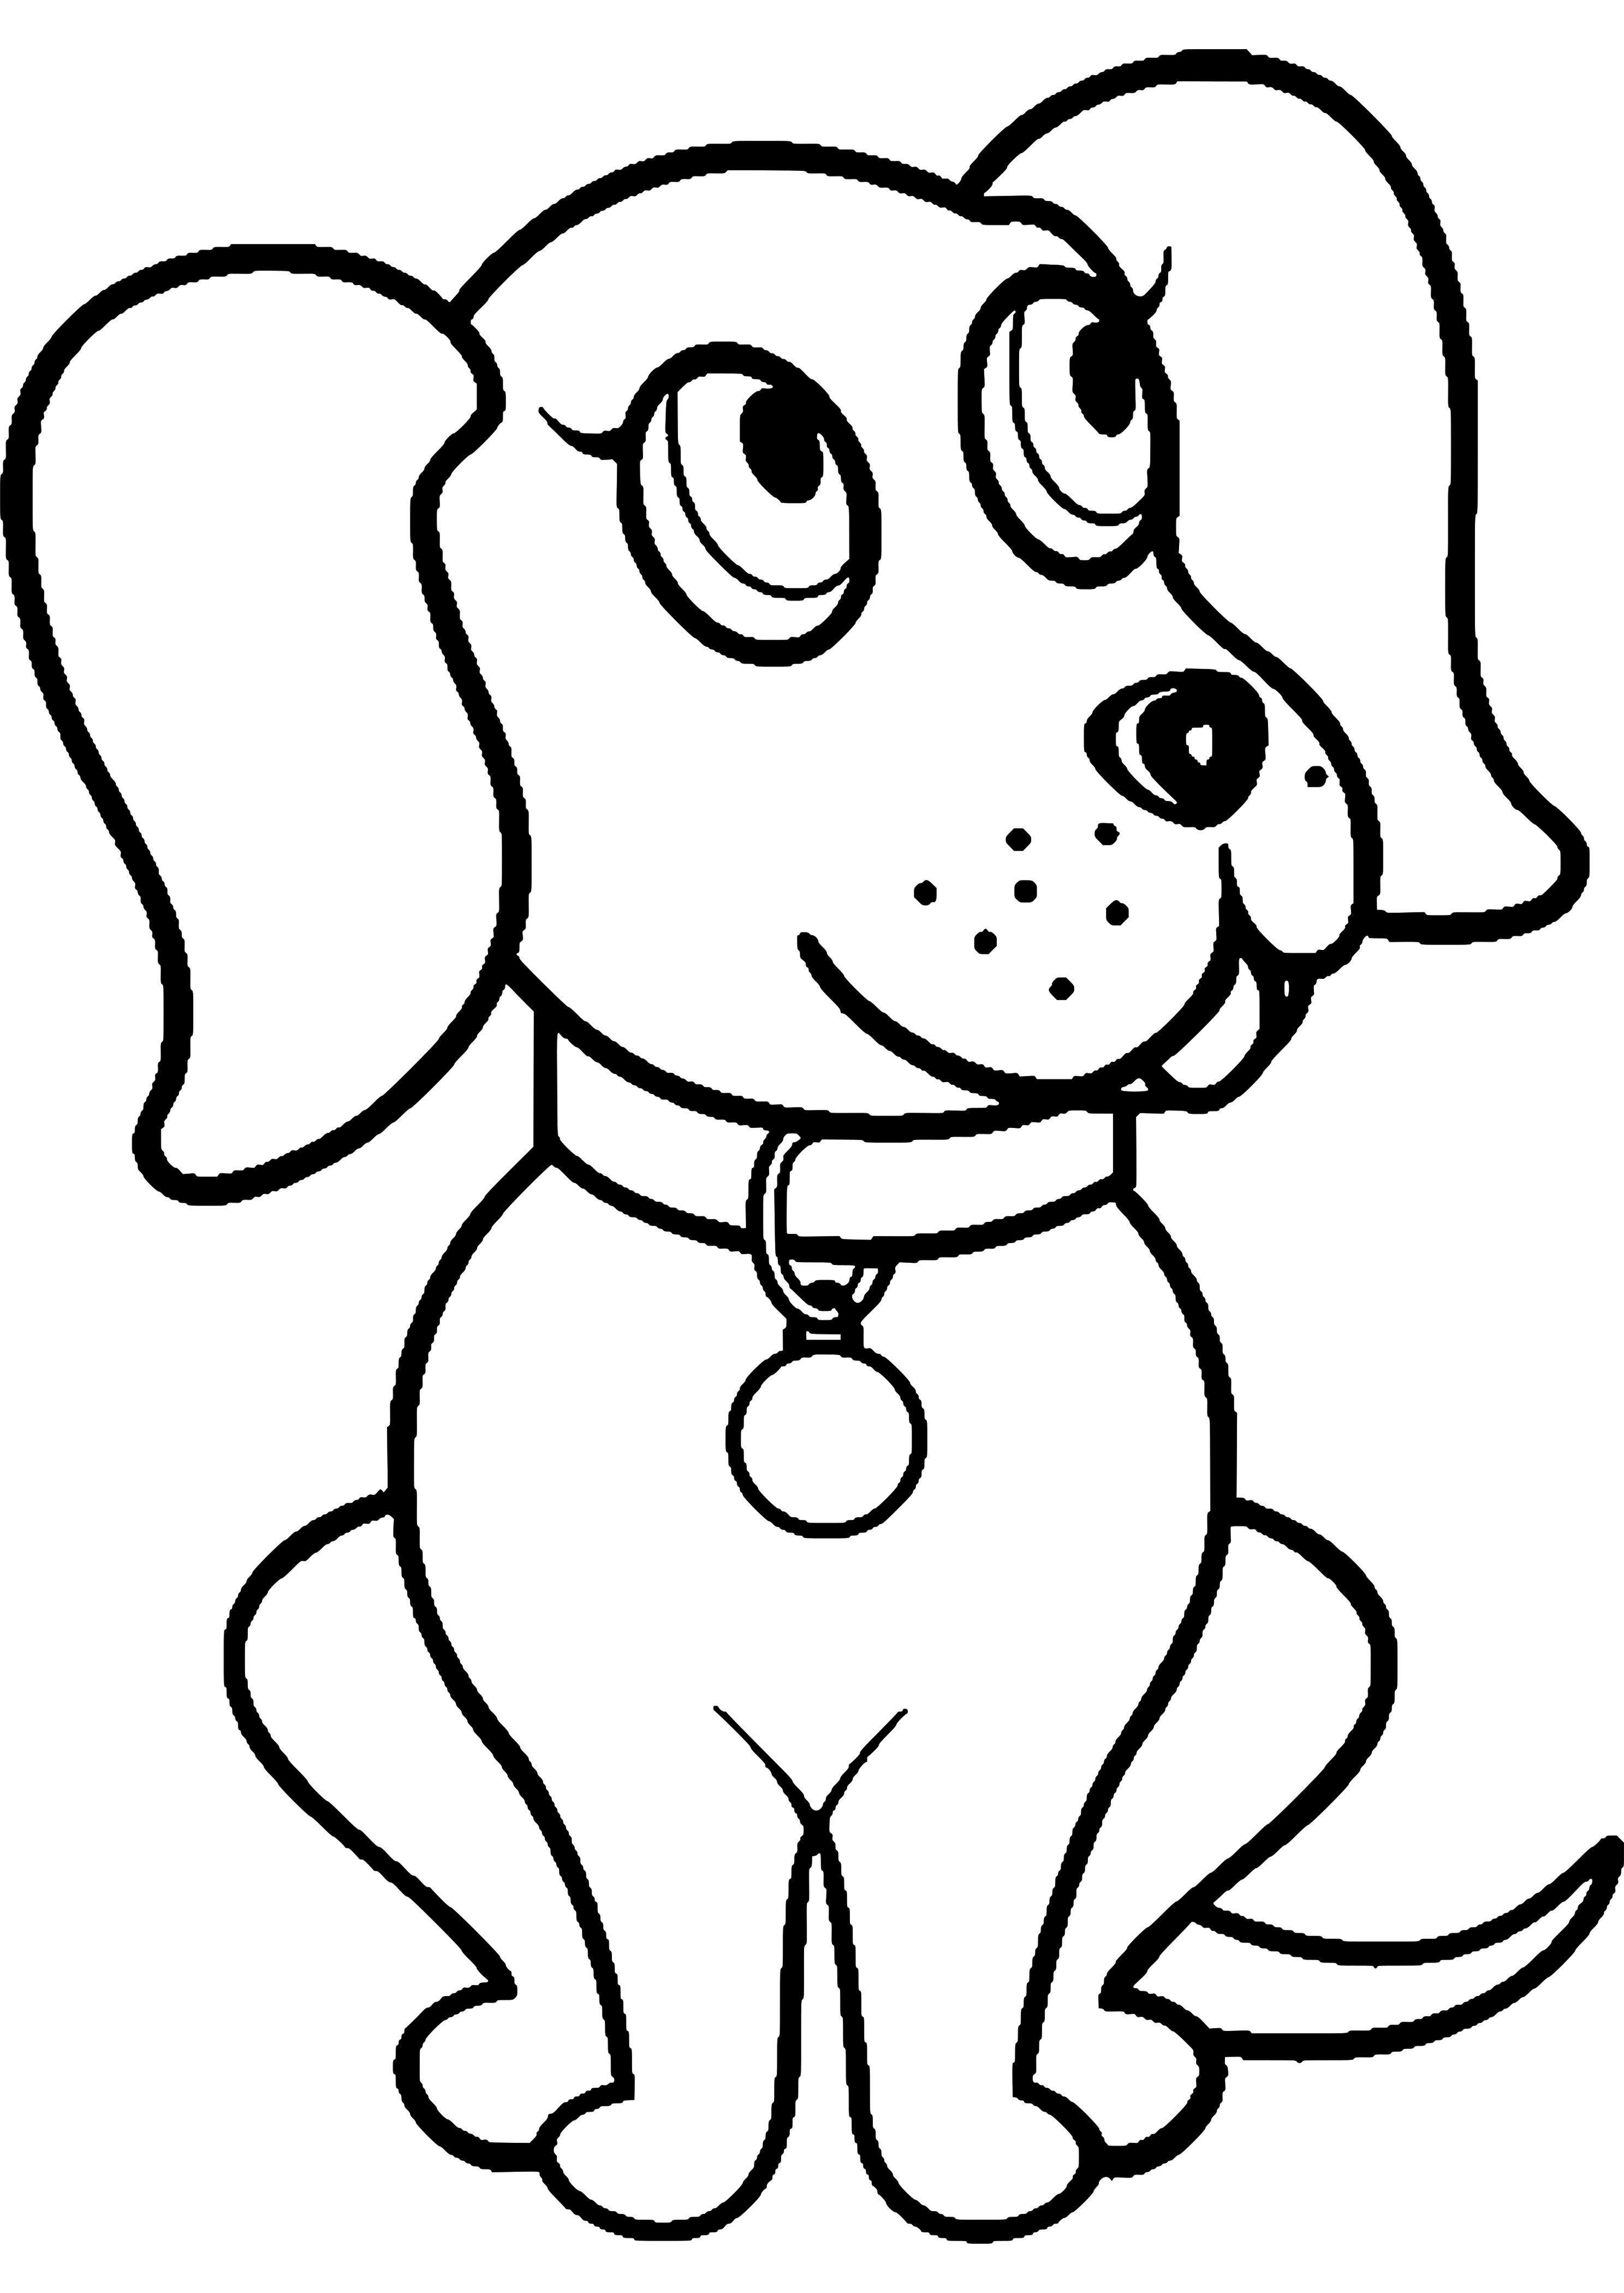 disegni cani da stampare stampae colorare